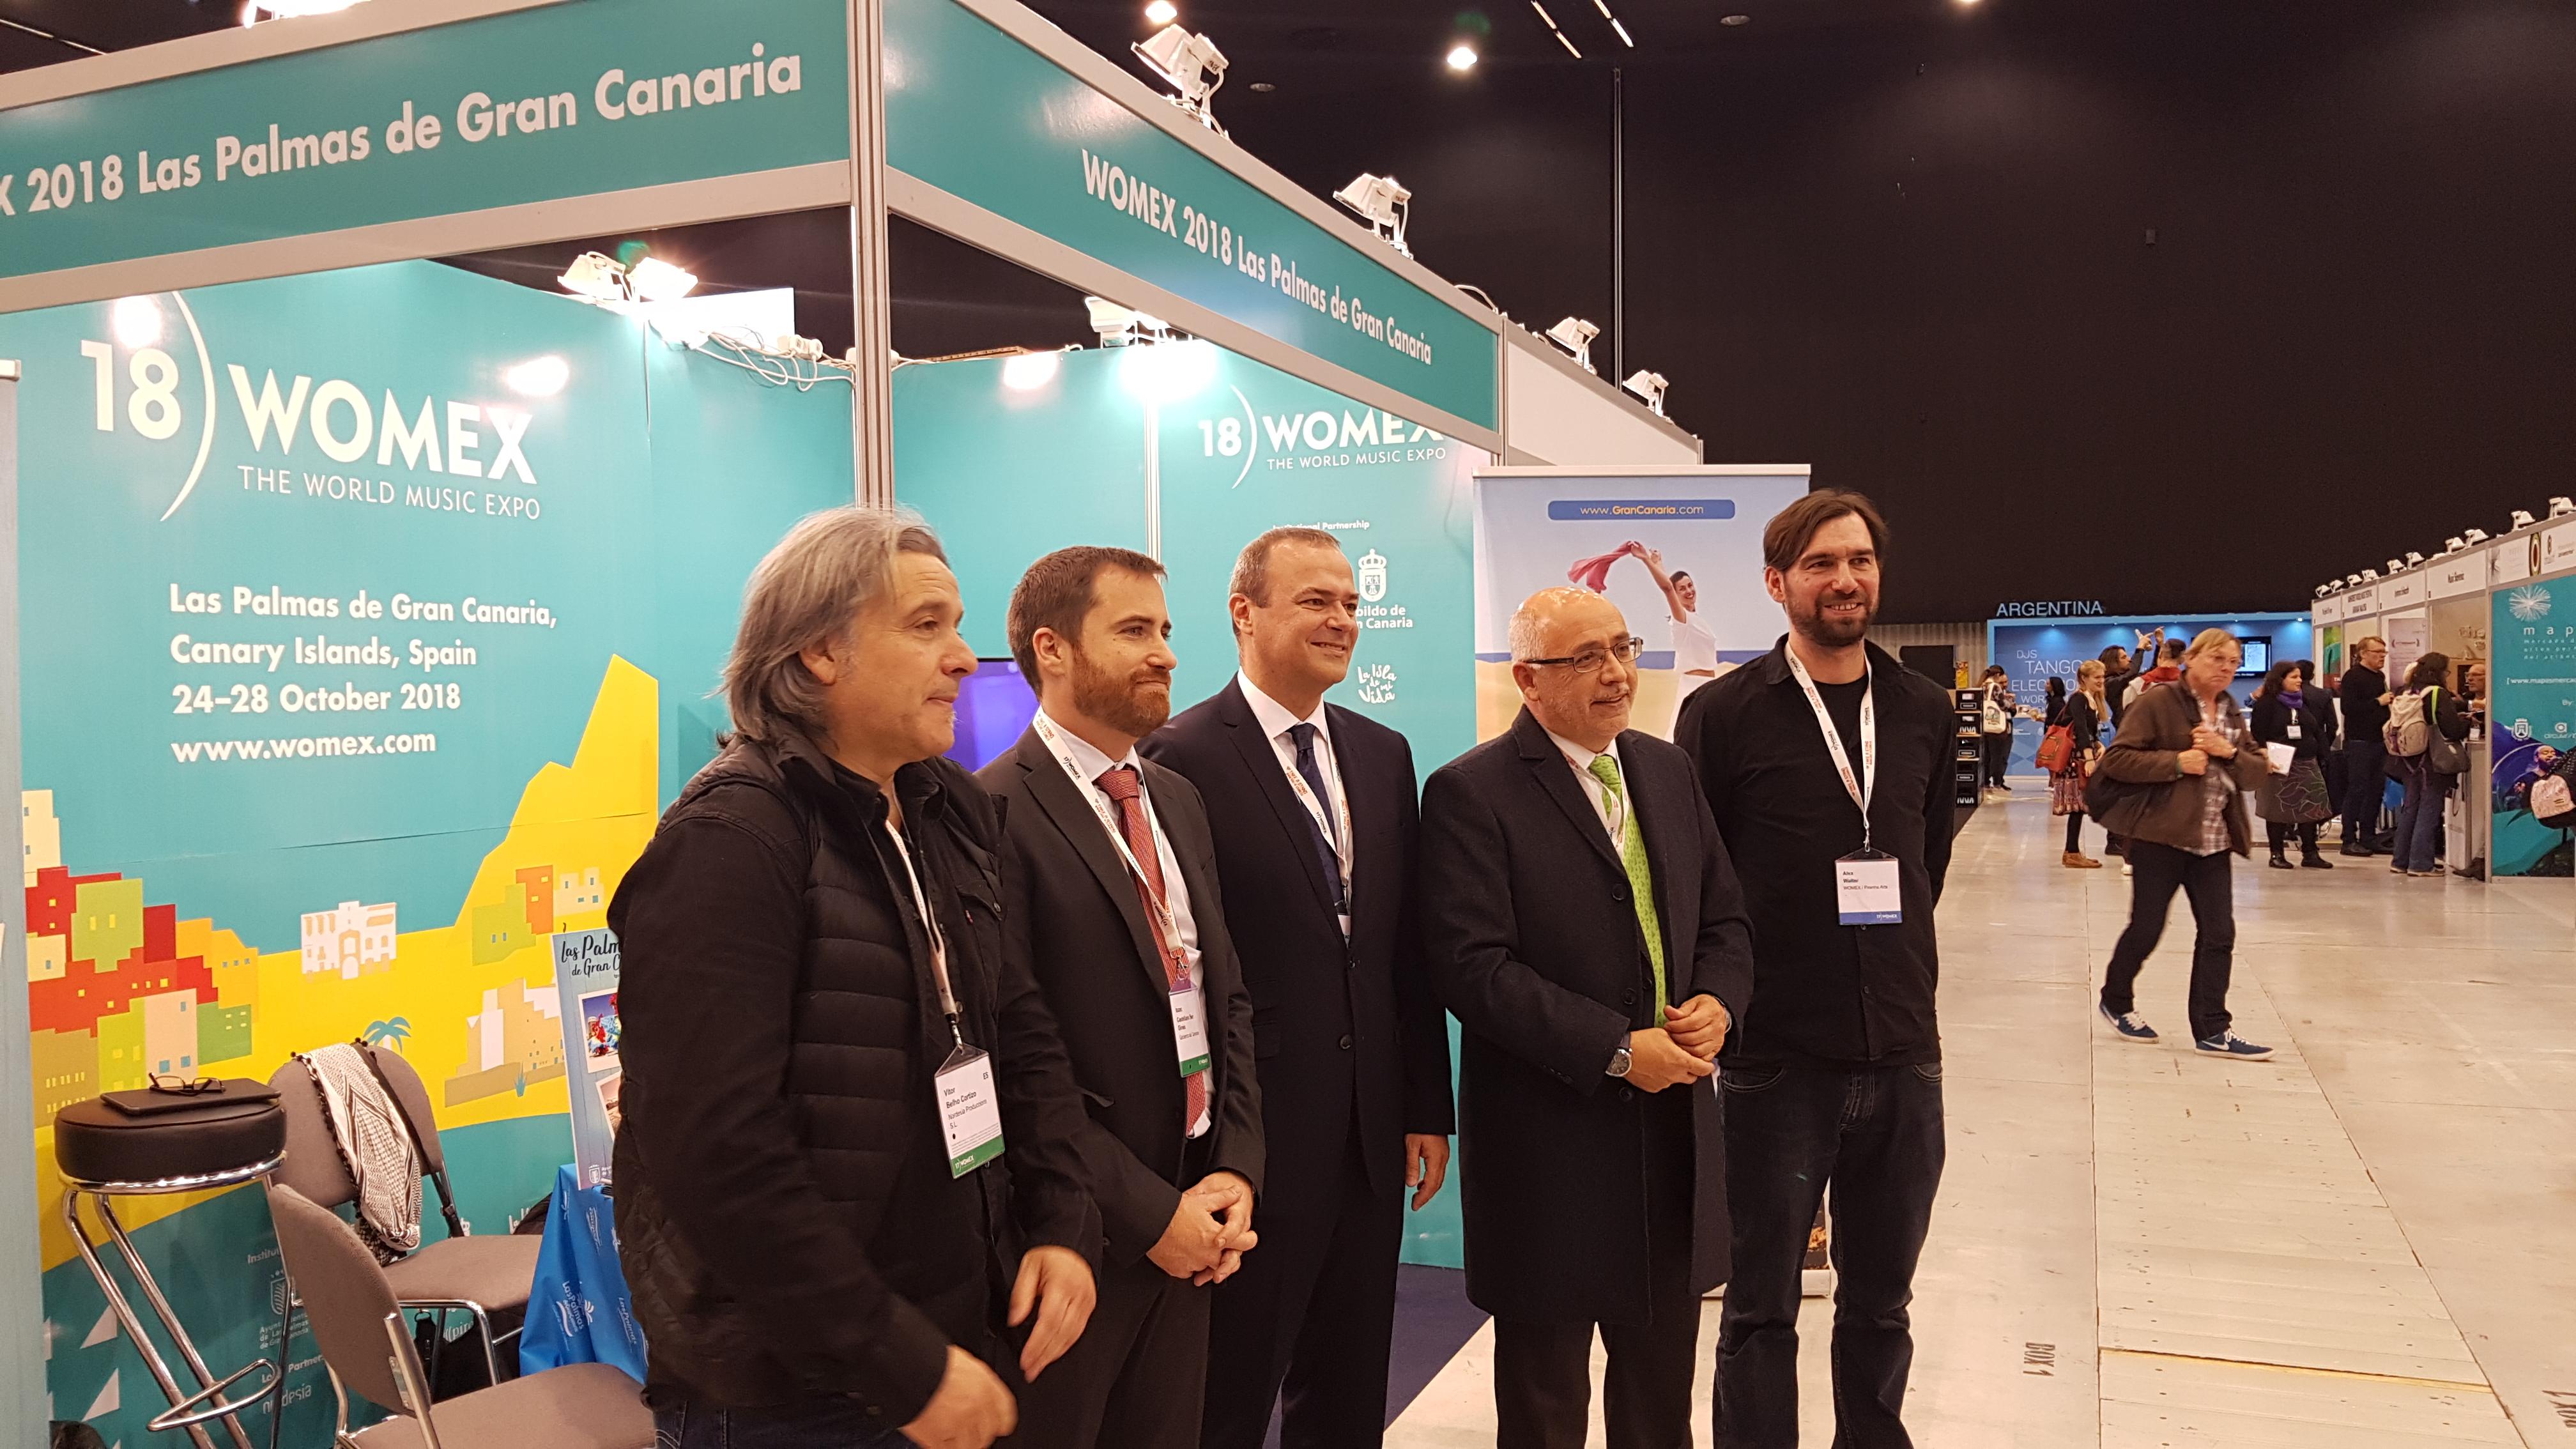 Las Palmas de Gran Canaria toma el relevo de Katowice para Womex 2018